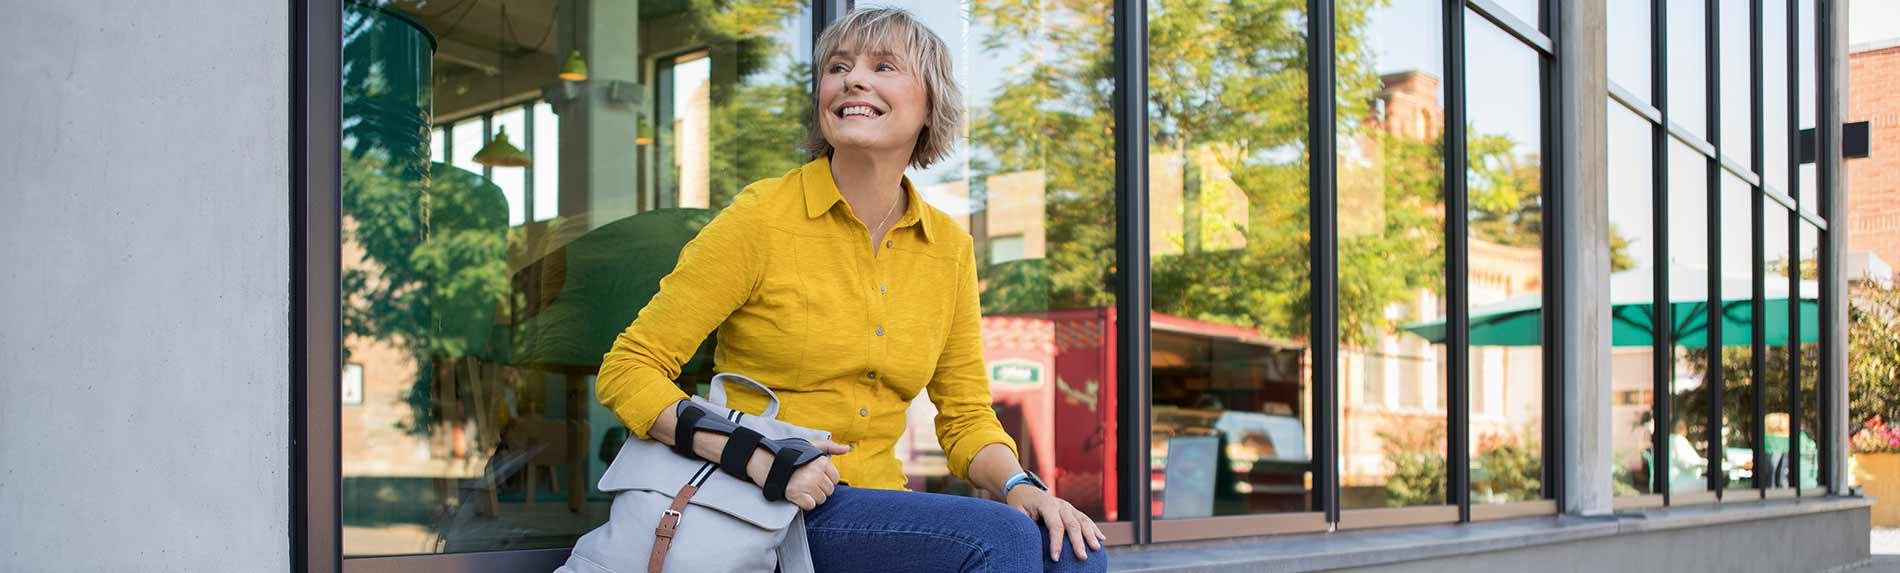 Frau mit Handgelenkbandage JuzoPro Manu Xtec Palmar sitzt vor einer Glasfassade und blickt lächelnd in die Ferne